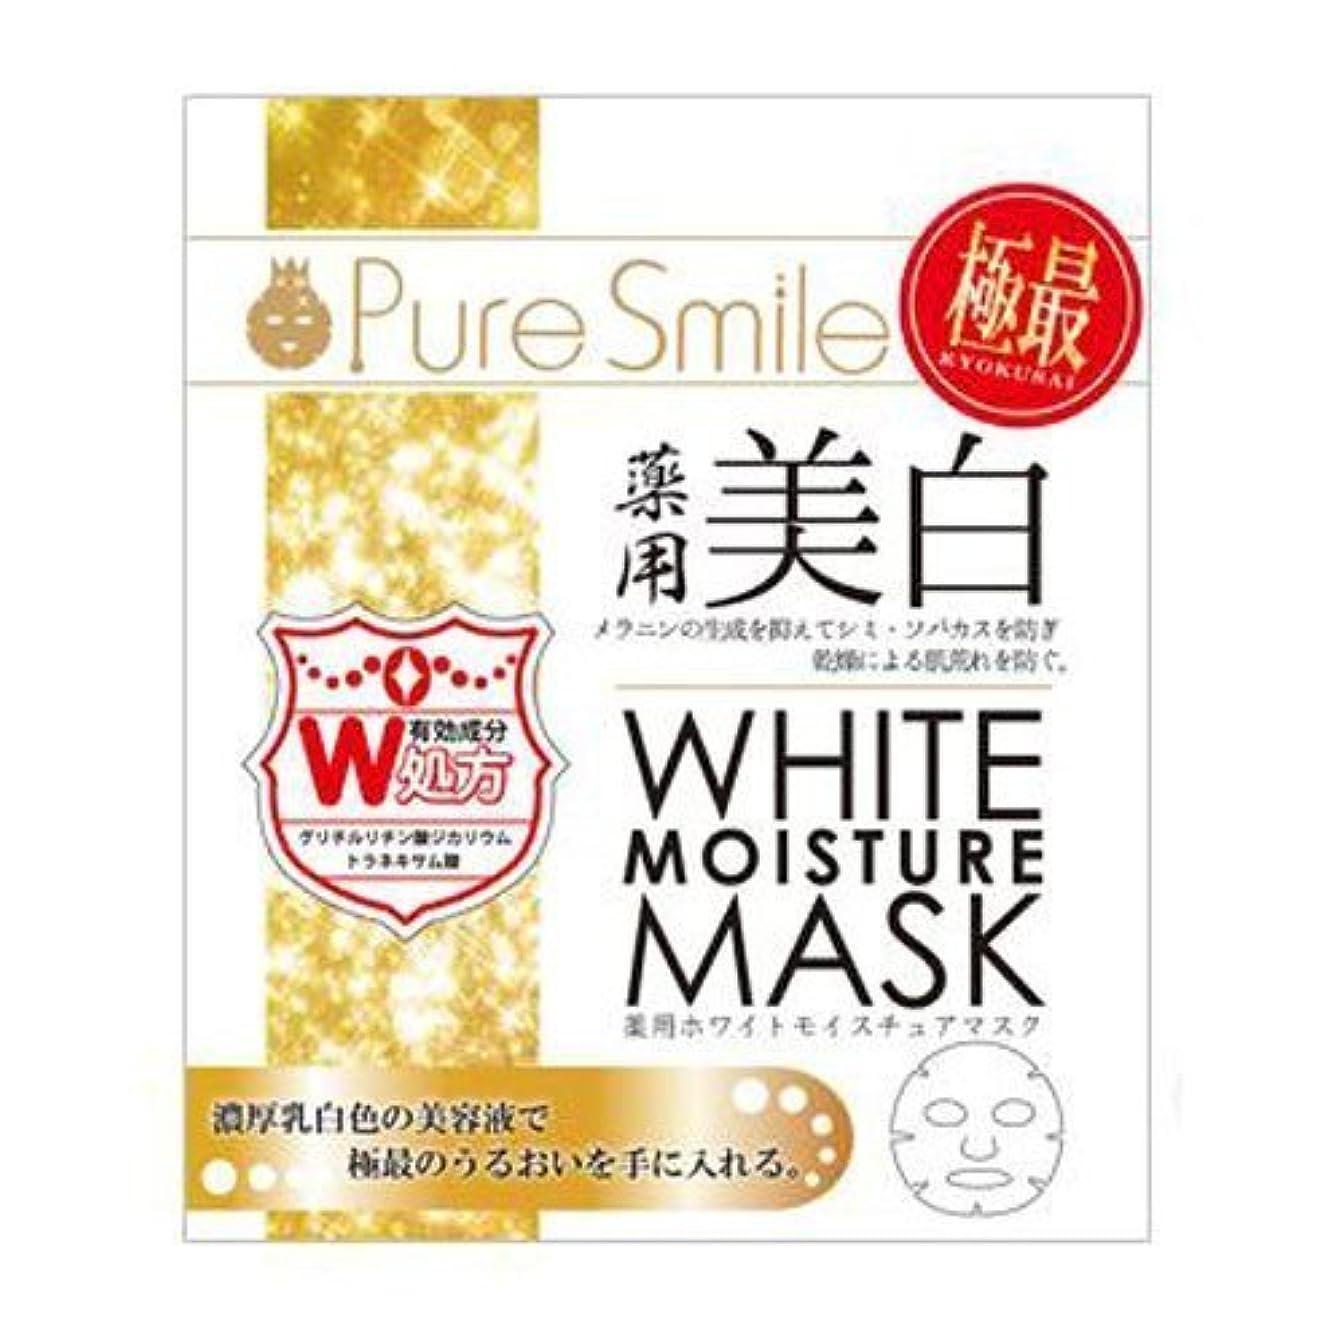 レモン表面叫び声ピュアスマイル エッセンスマスク 薬用ホワイトモイスチュアマスク